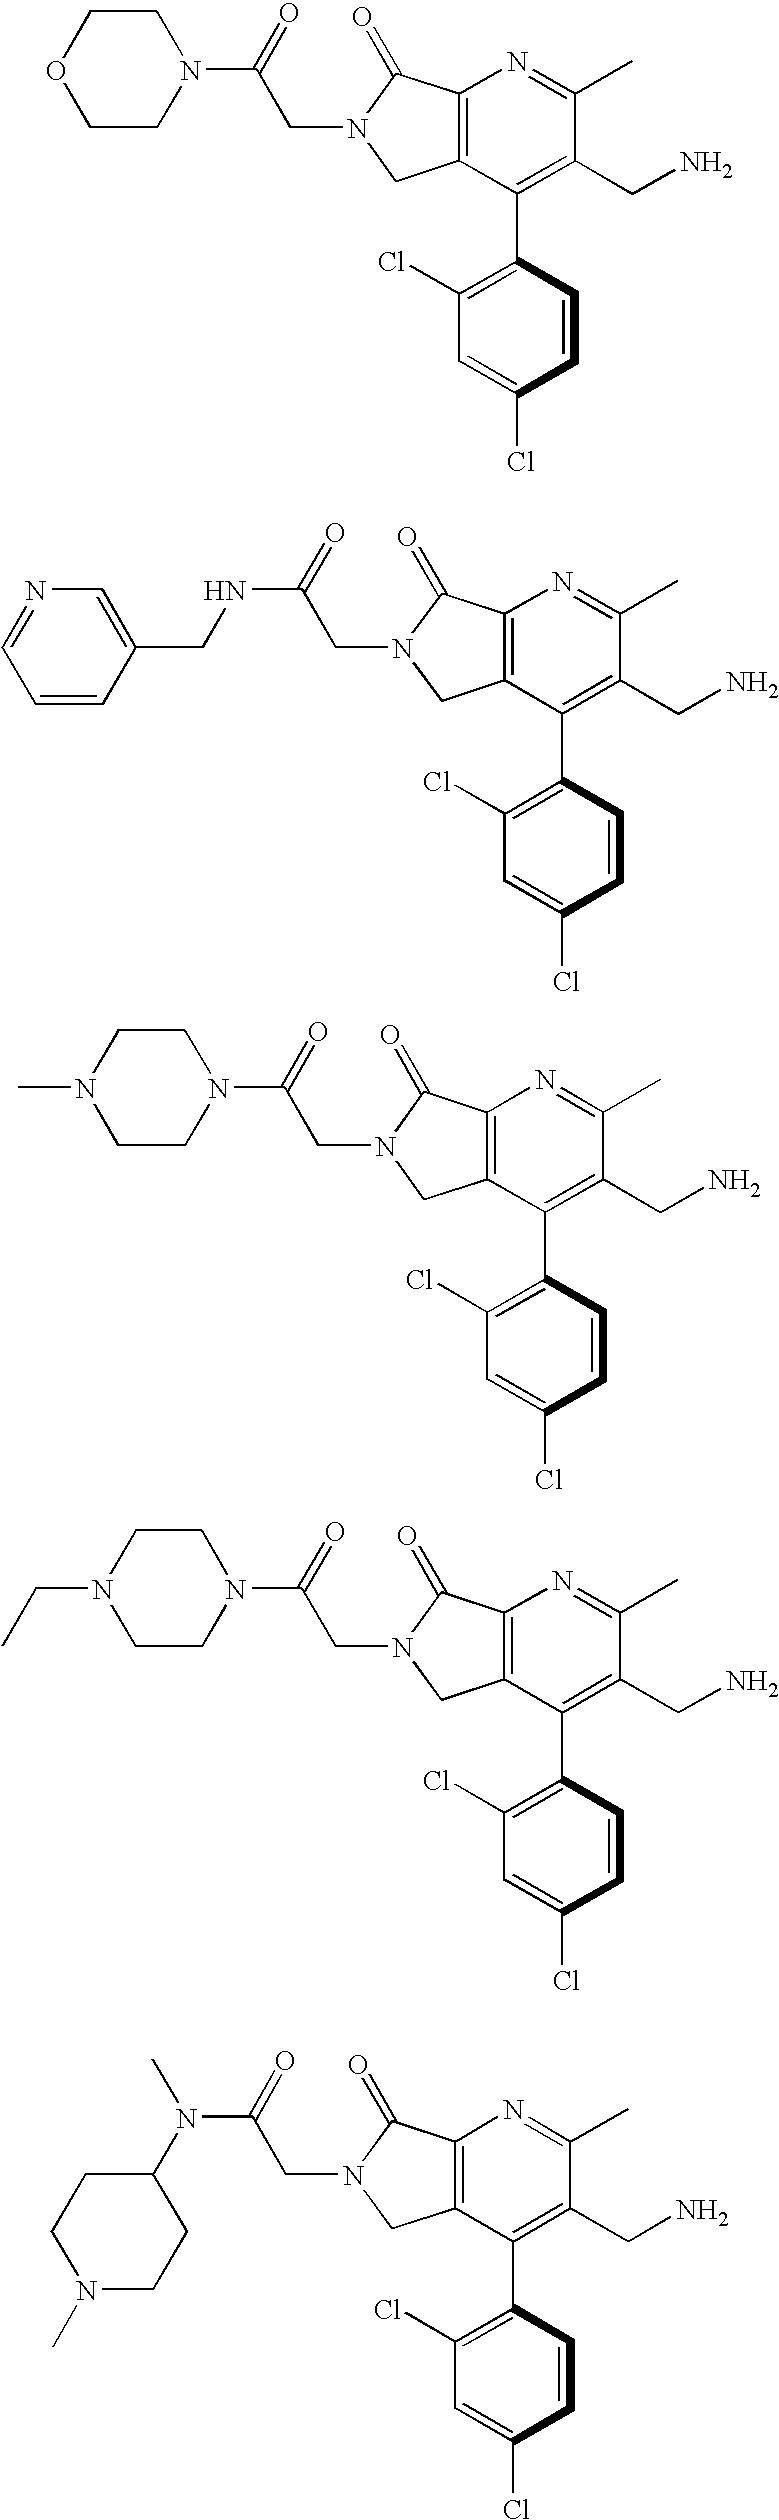 Figure US07521557-20090421-C00021